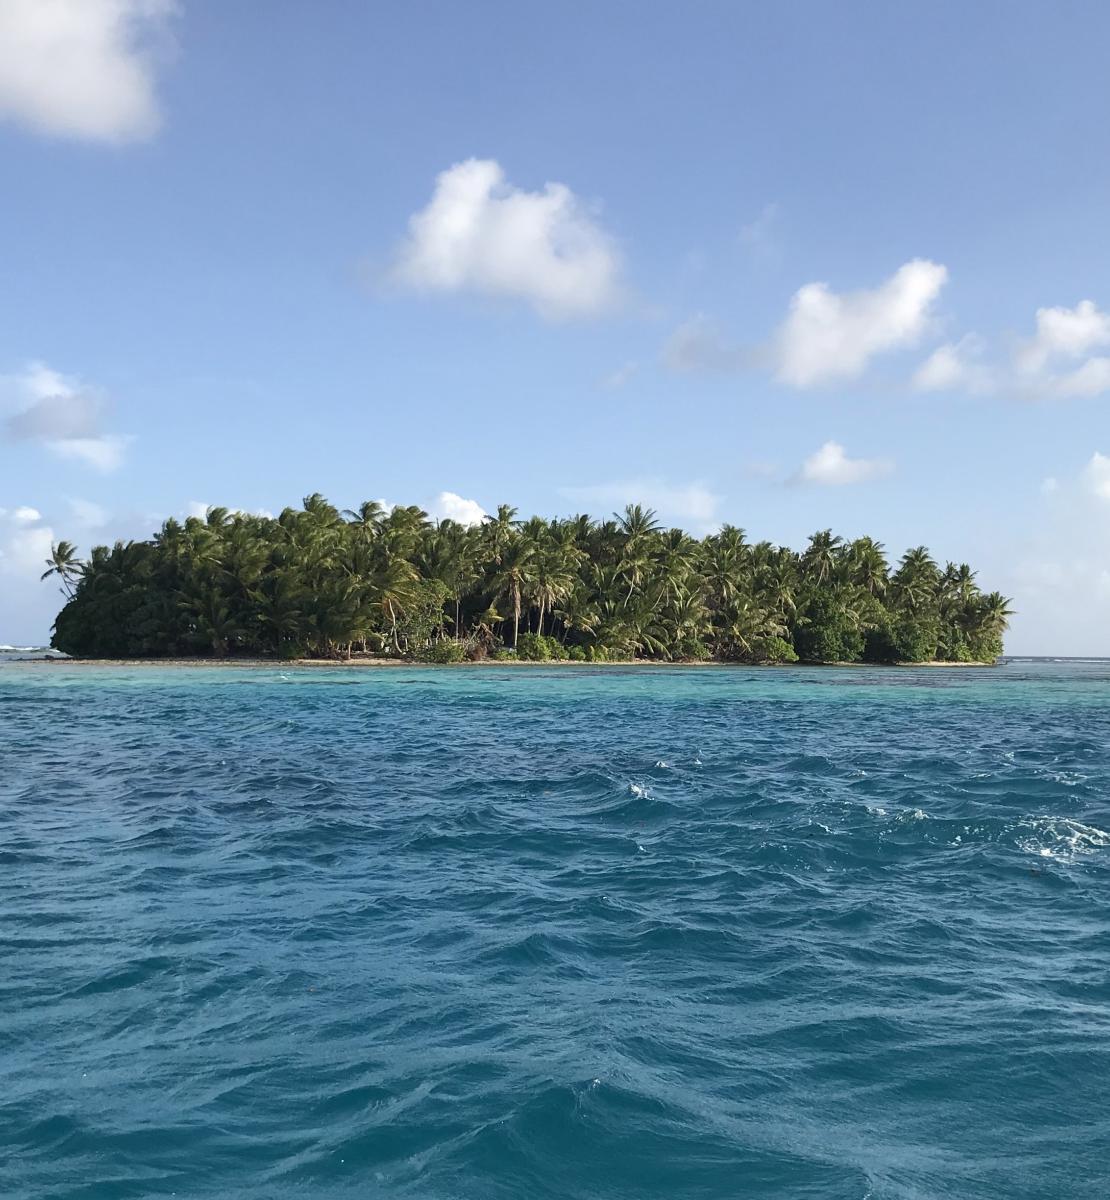 منظر طبيعي لجزيرة مليئة بالأشجار في المحيط في يوم مشمس.